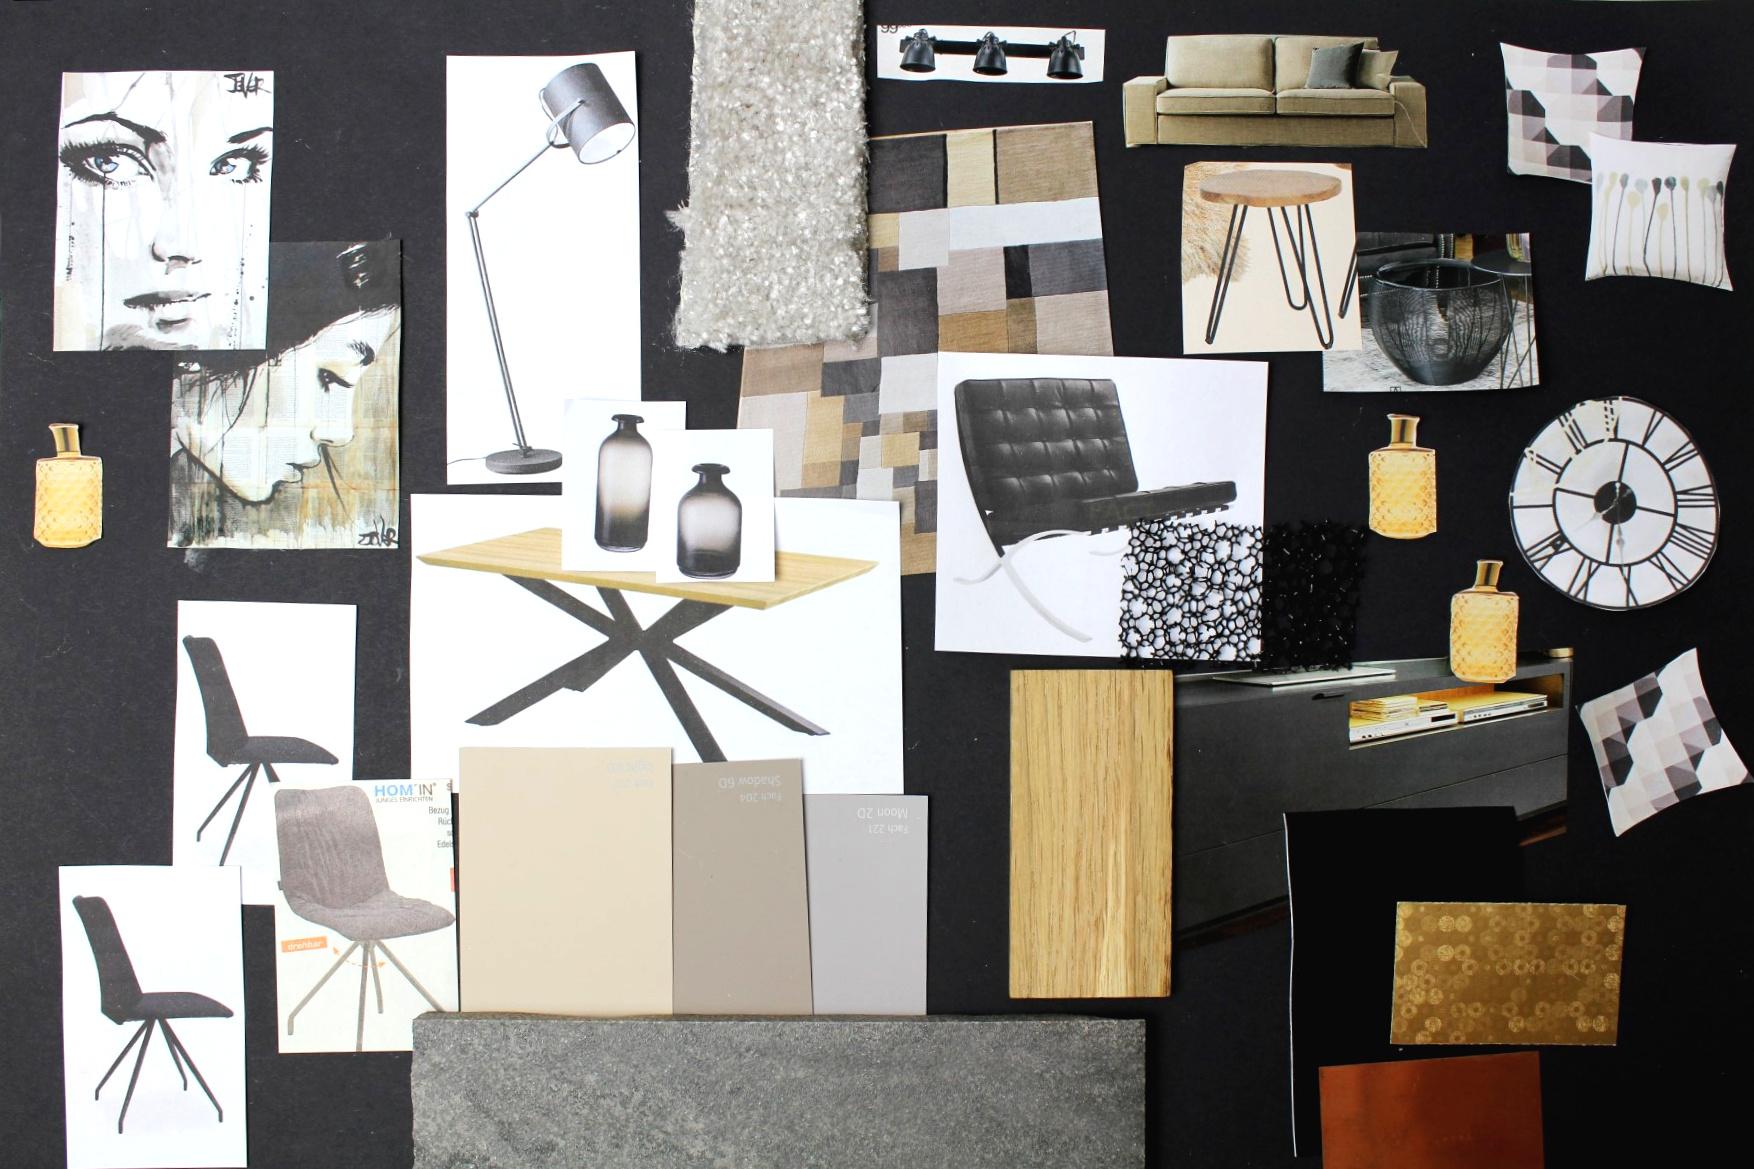 moodboard wohnraum einrichten mit inspirationstafel. Black Bedroom Furniture Sets. Home Design Ideas